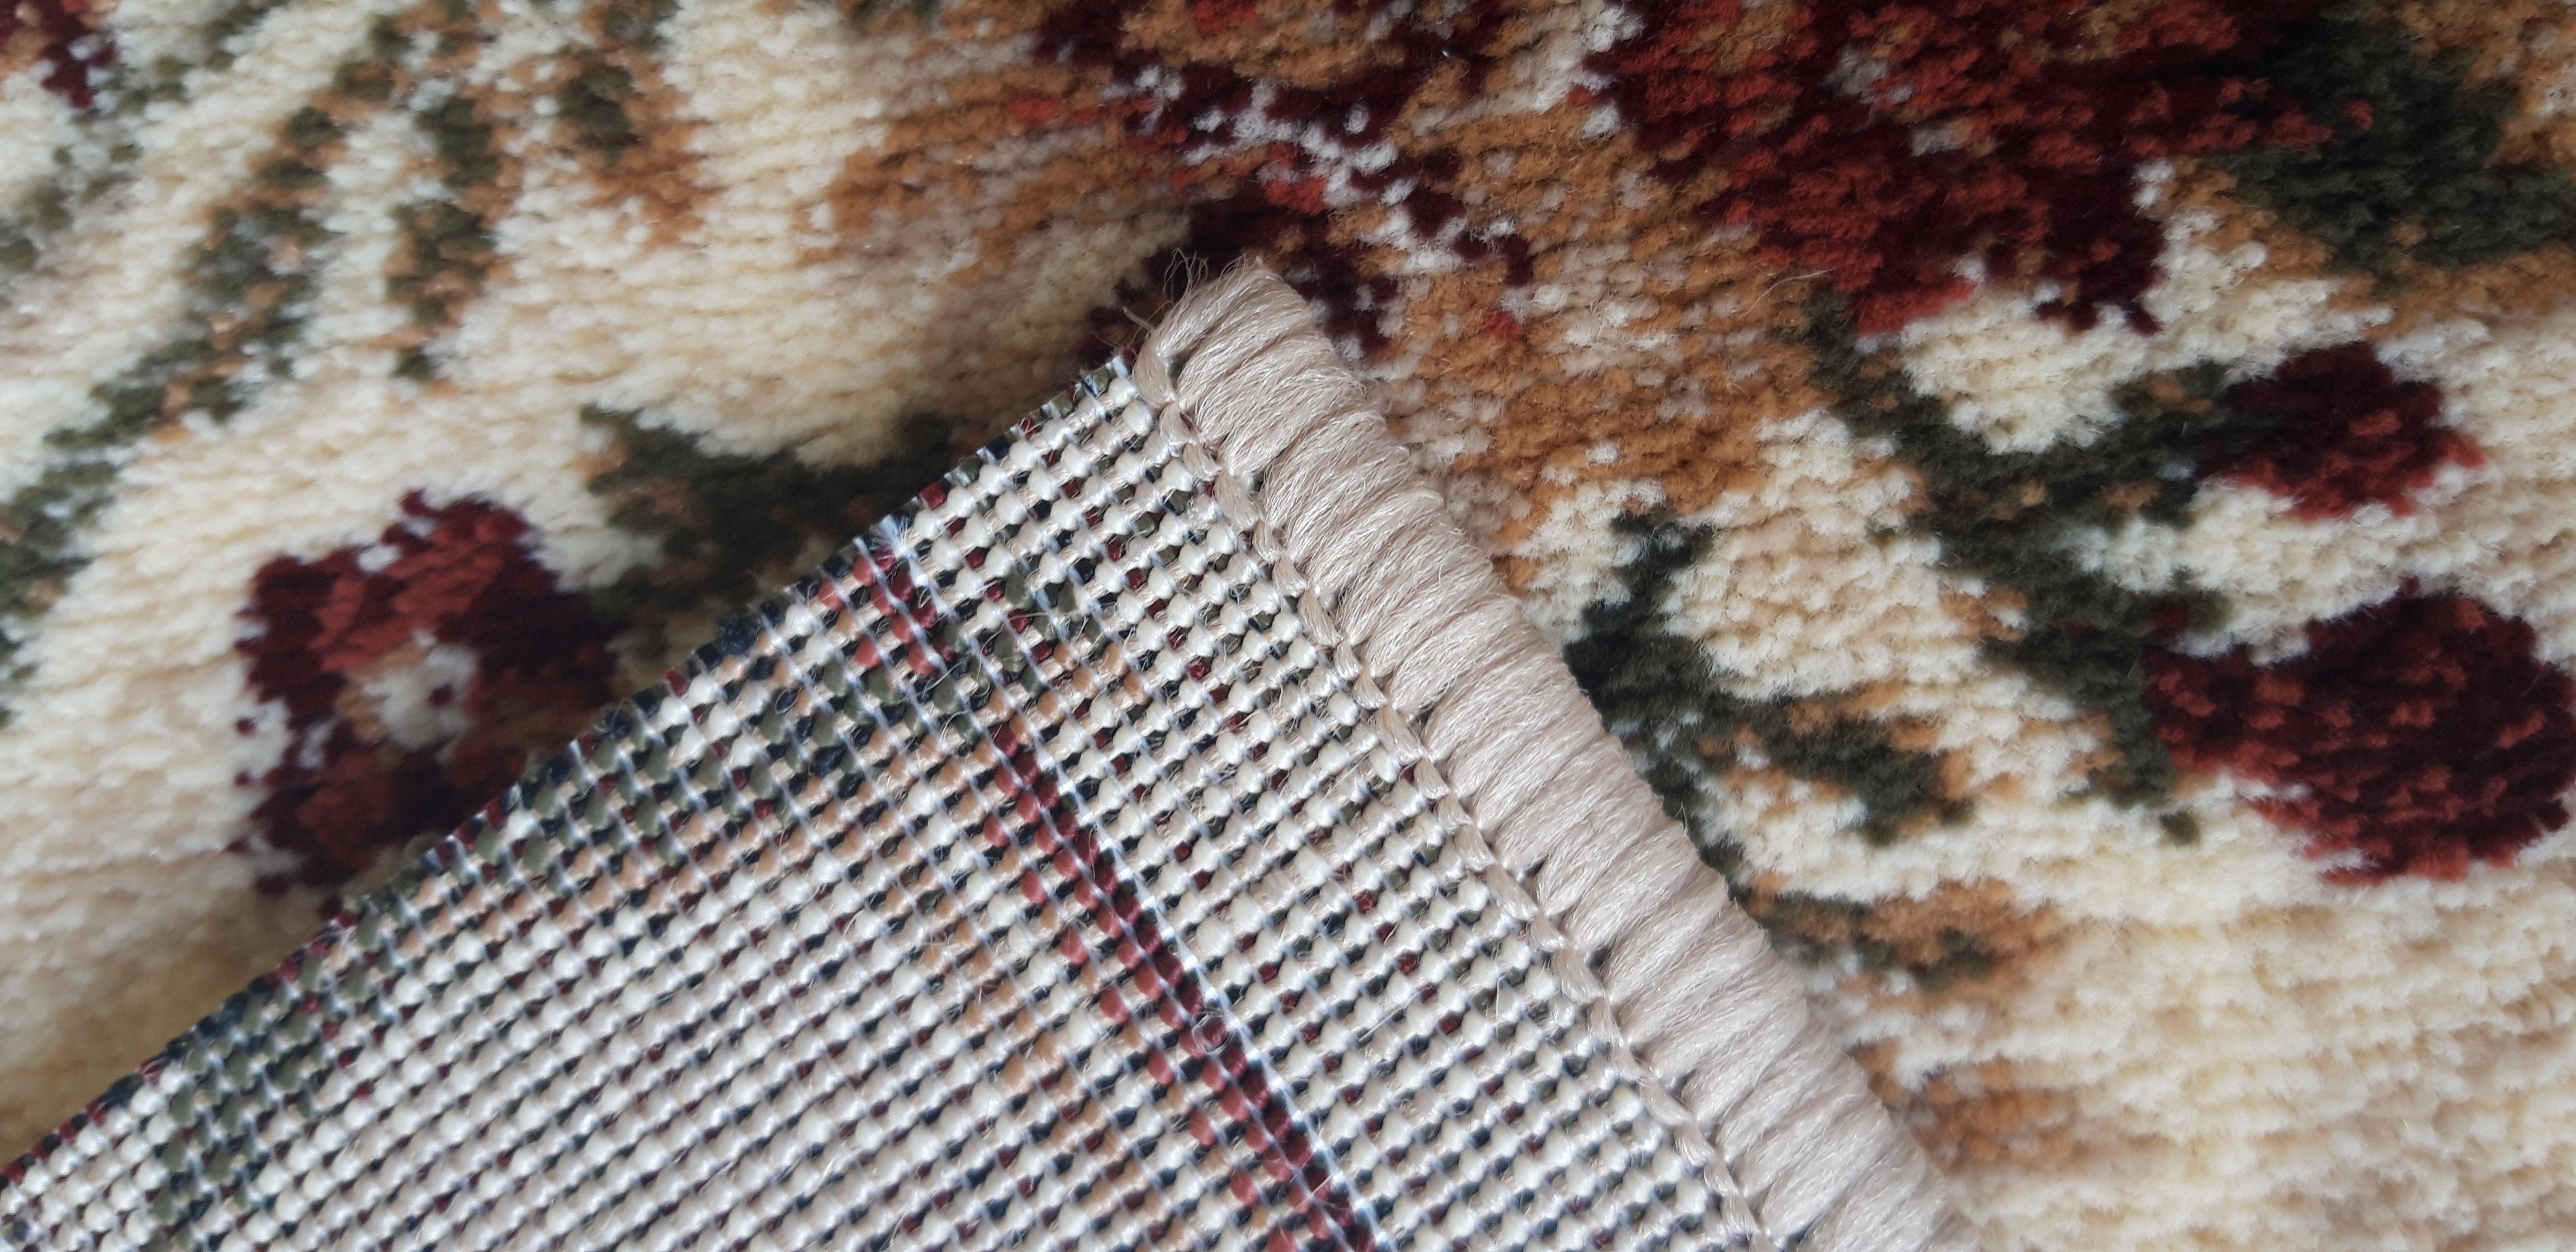 Traversa Covor, Lotos 551, Crem / Bej, 100x400 cm, 1800 gr/mp, 1x4 m 5